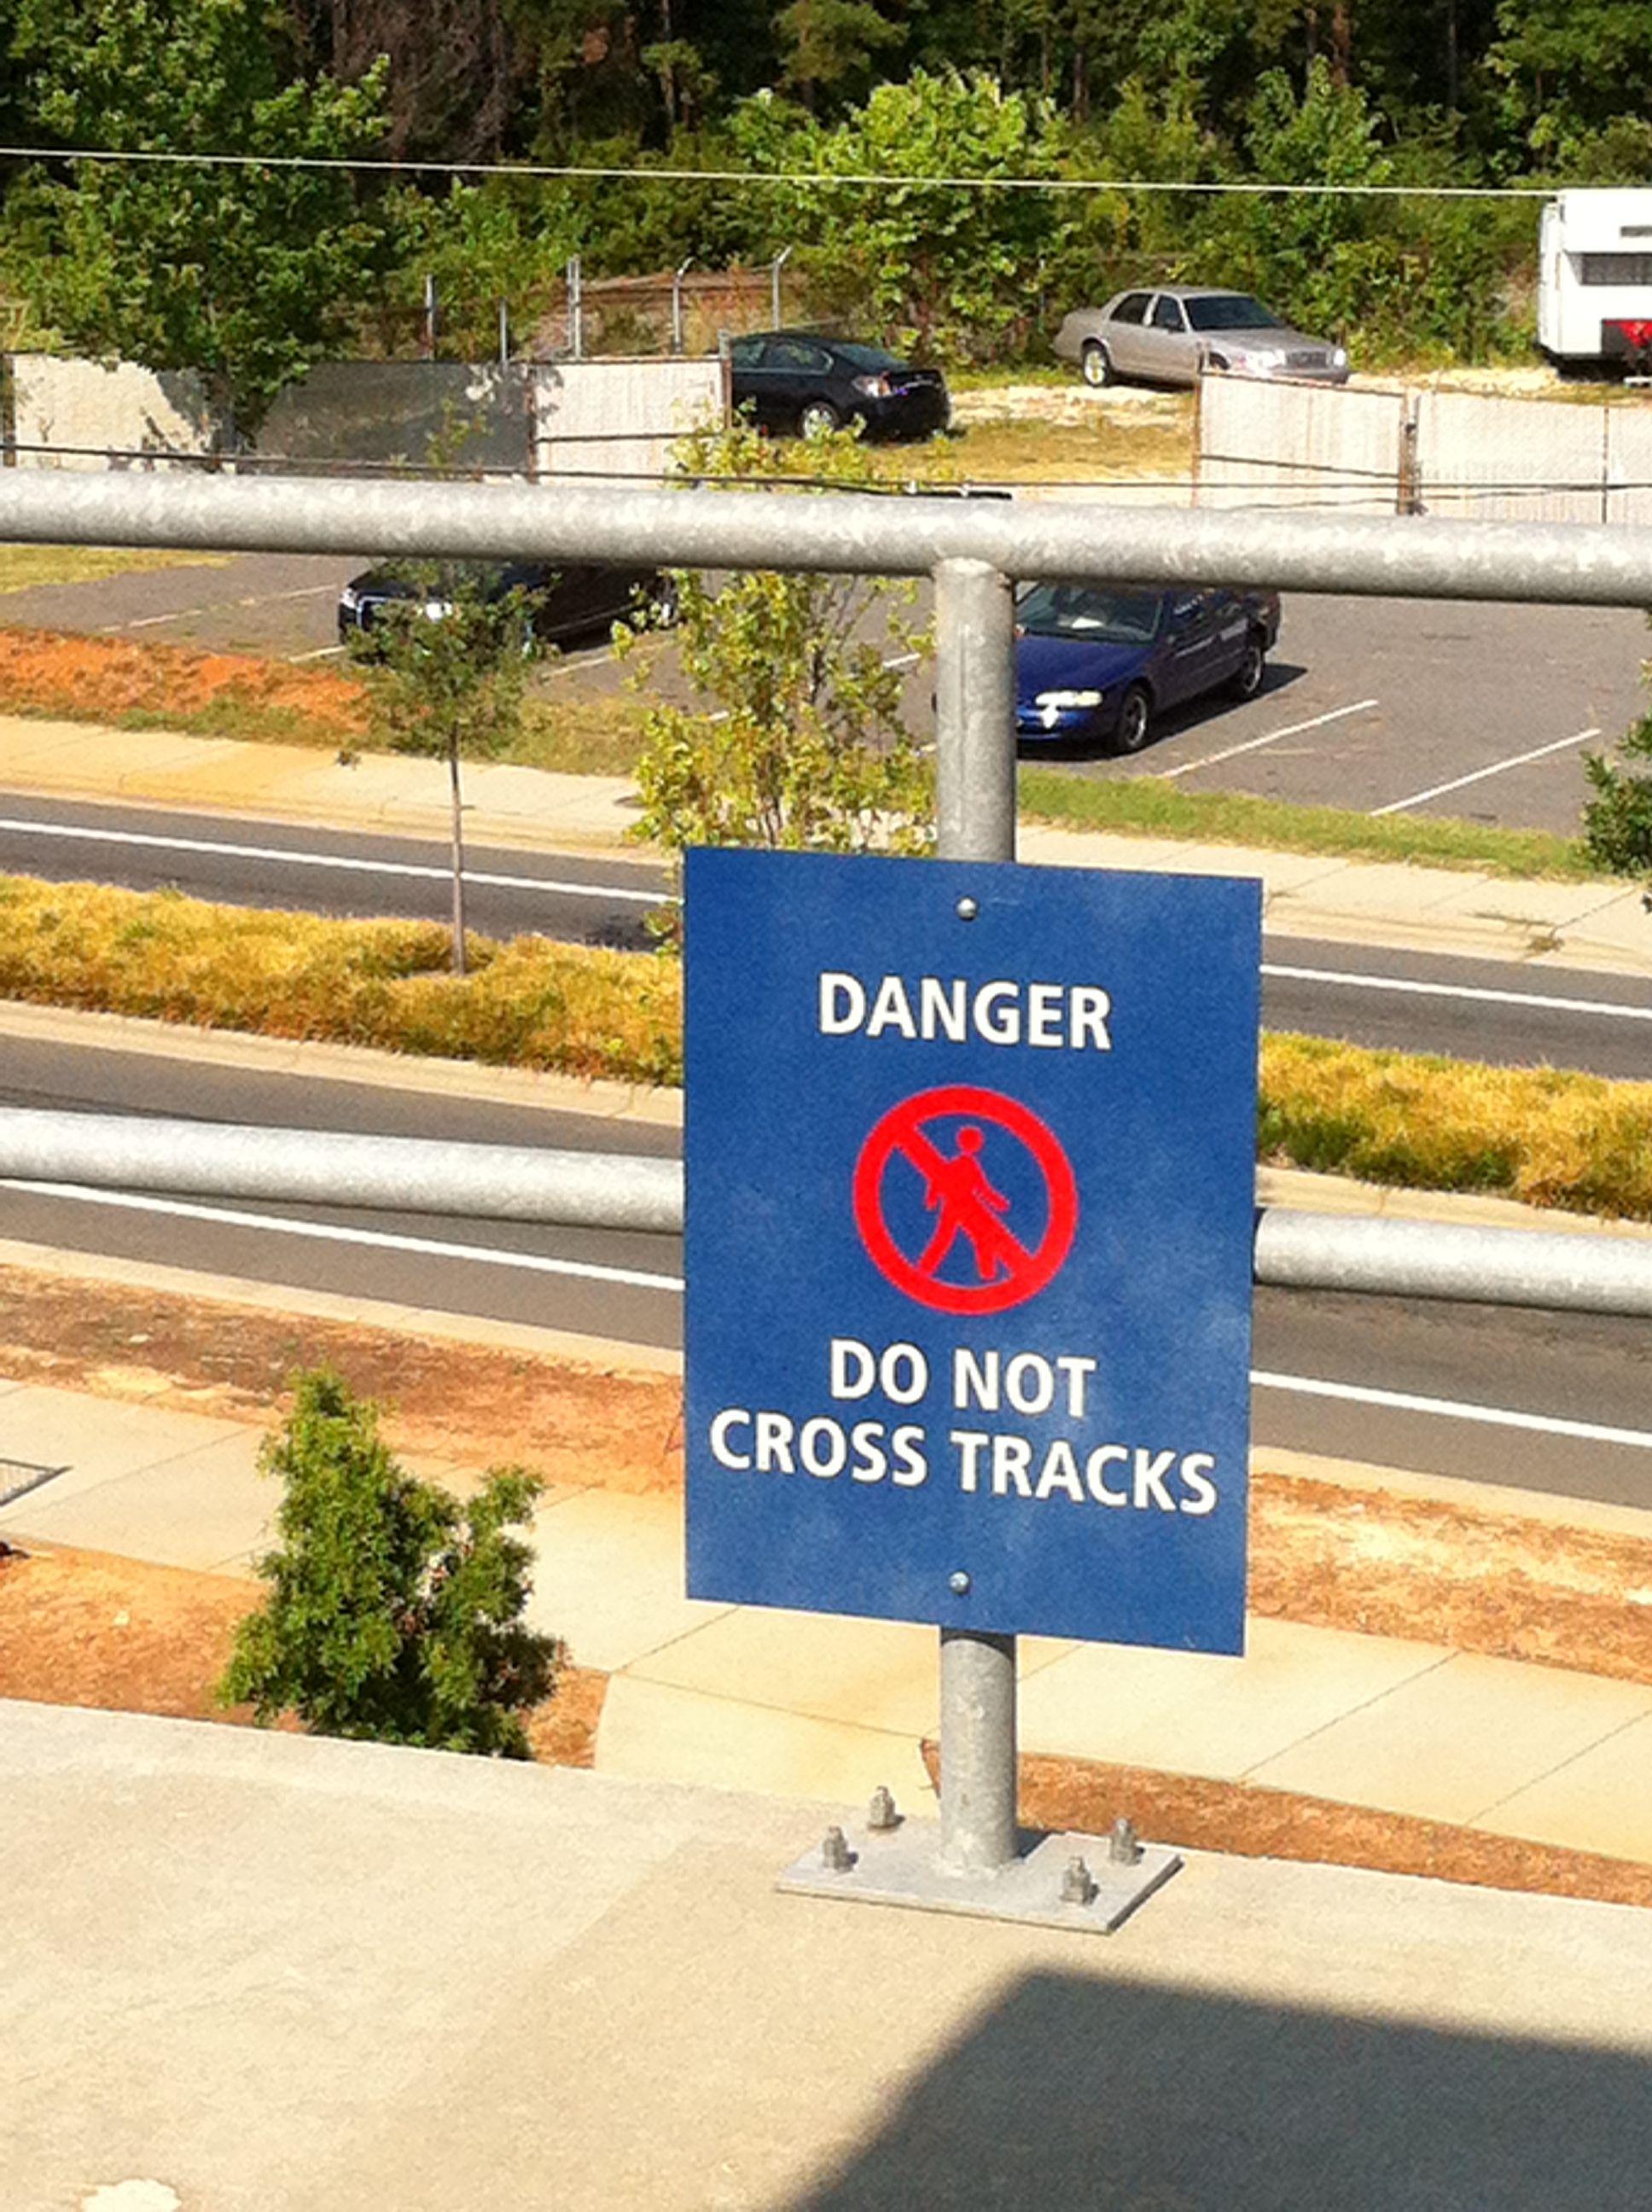 DANGER DO NOT CROSS TRACKS